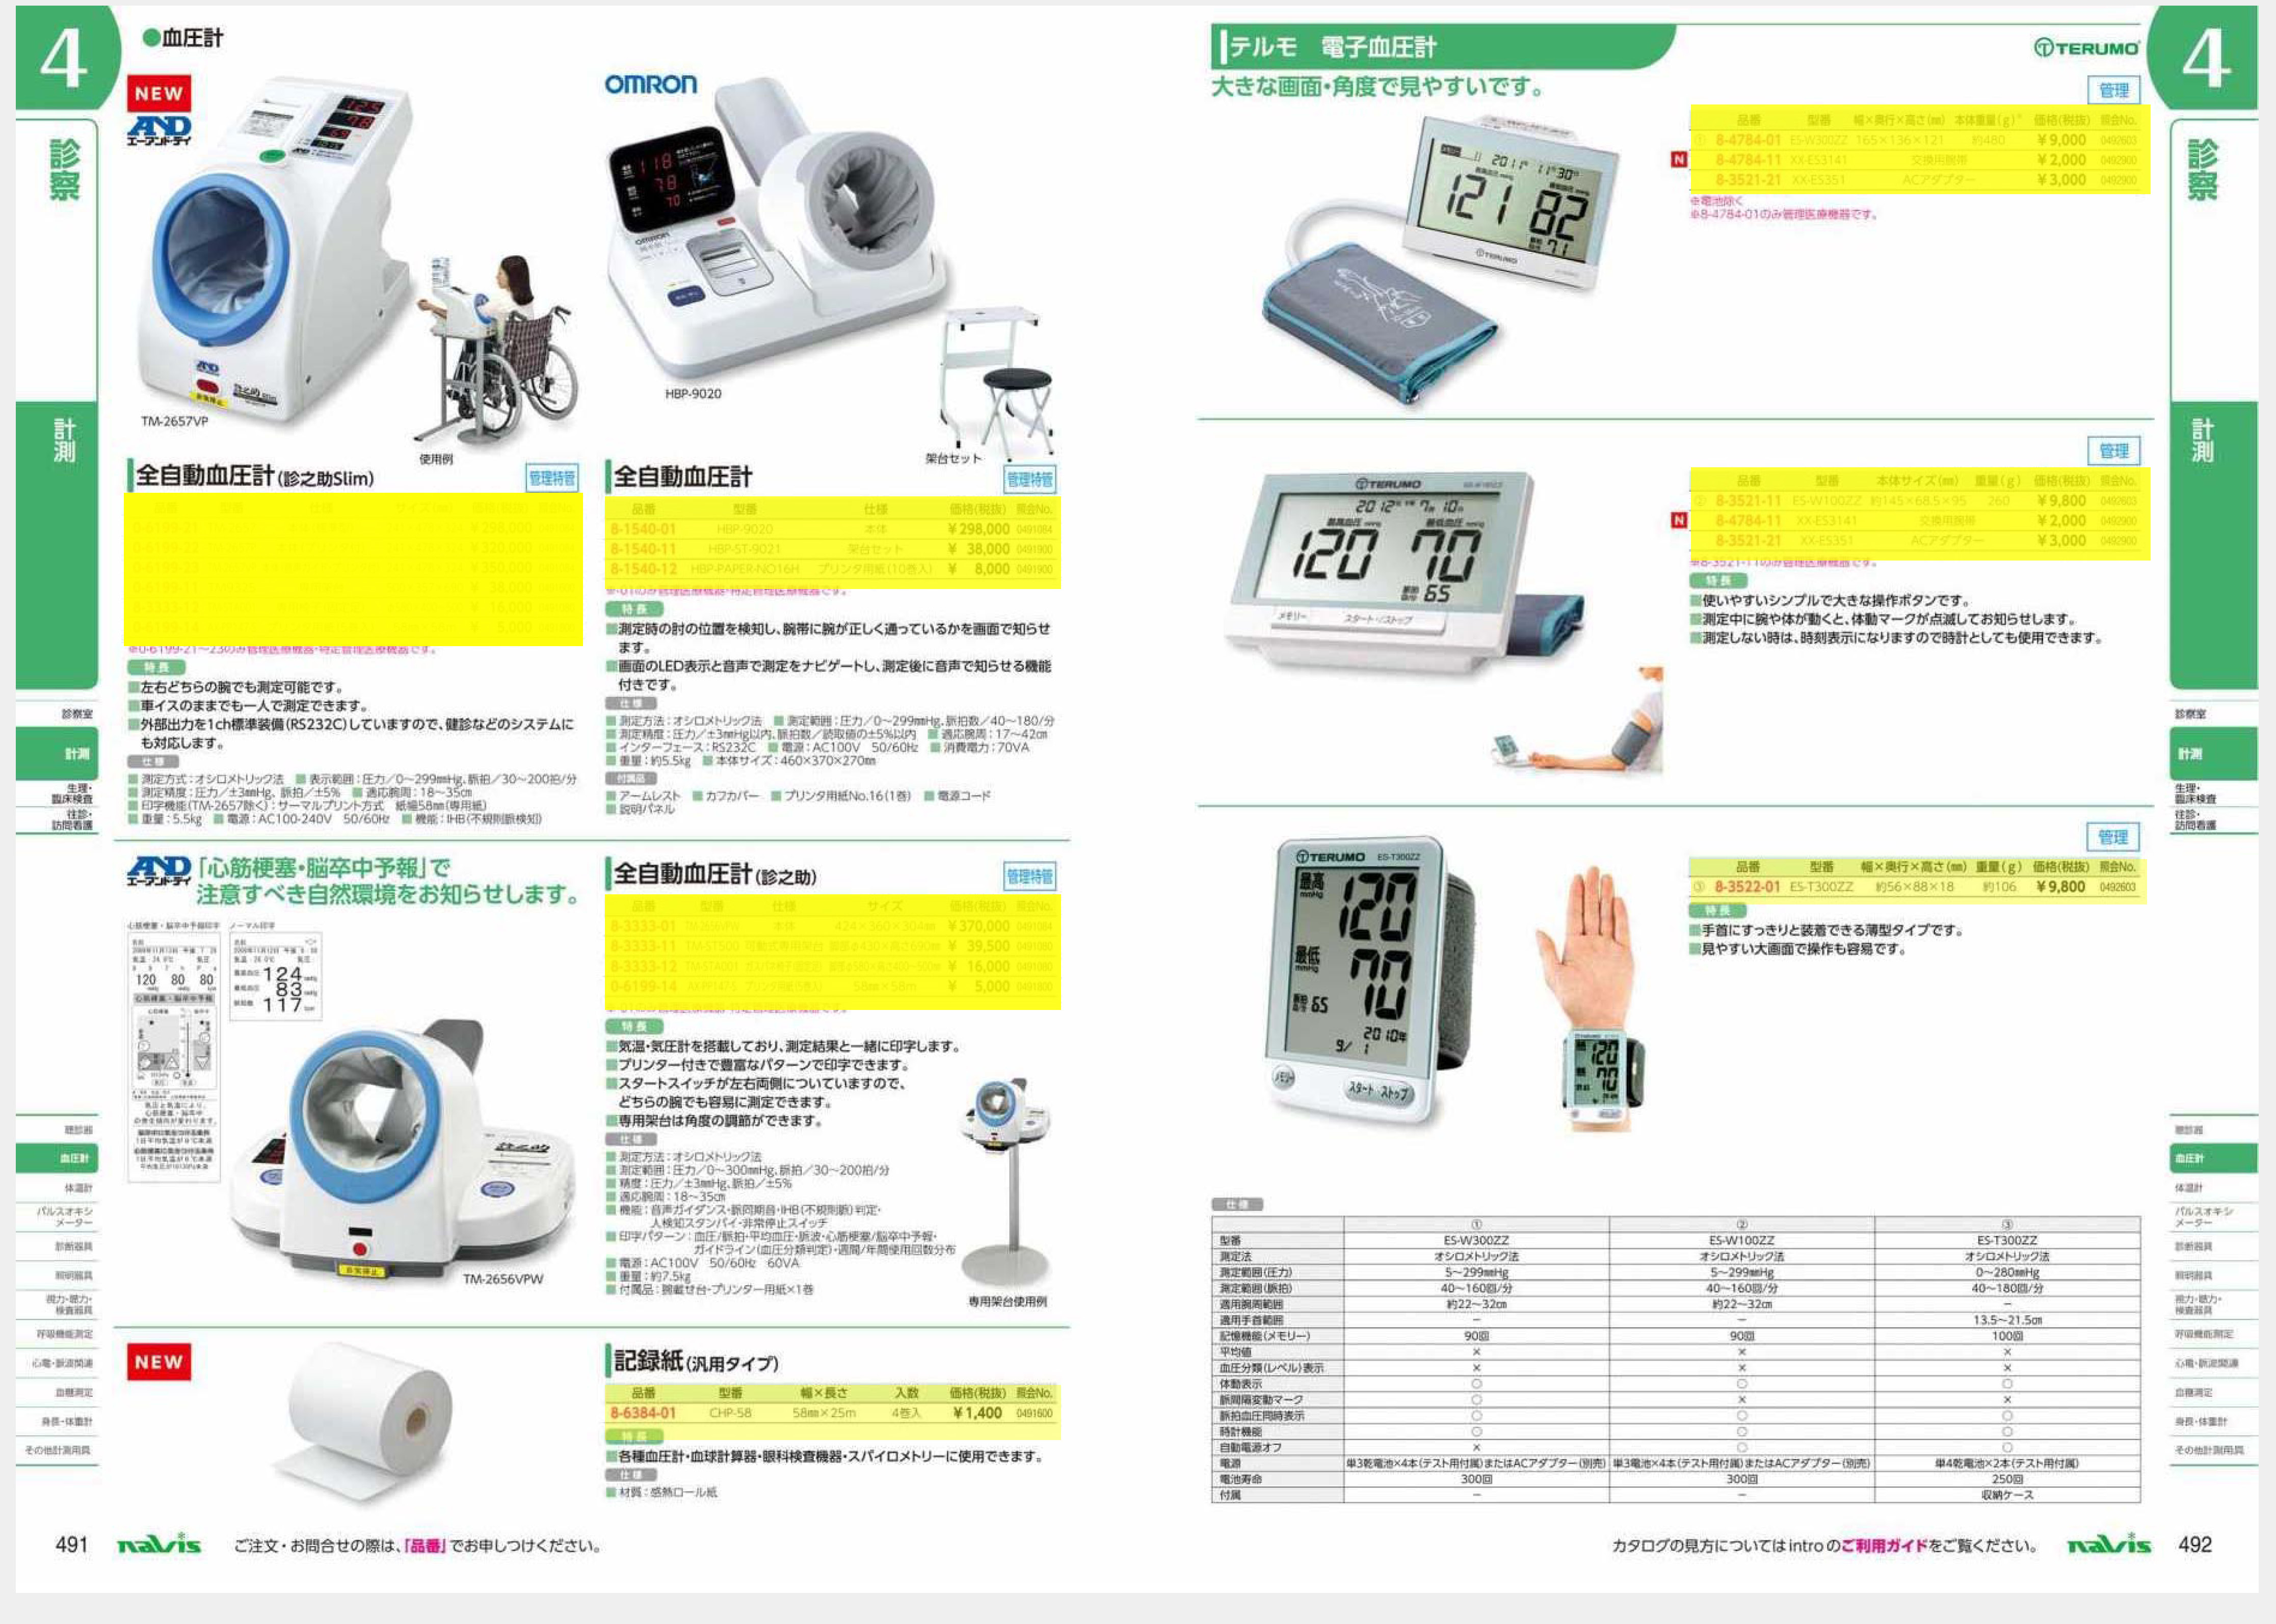 ナビス50000 8-3521-21 電子血圧計[上腕式]用ACアダプター XX−ES351[個](as1-8-3521-21)【※変更有:定価・販売価格】